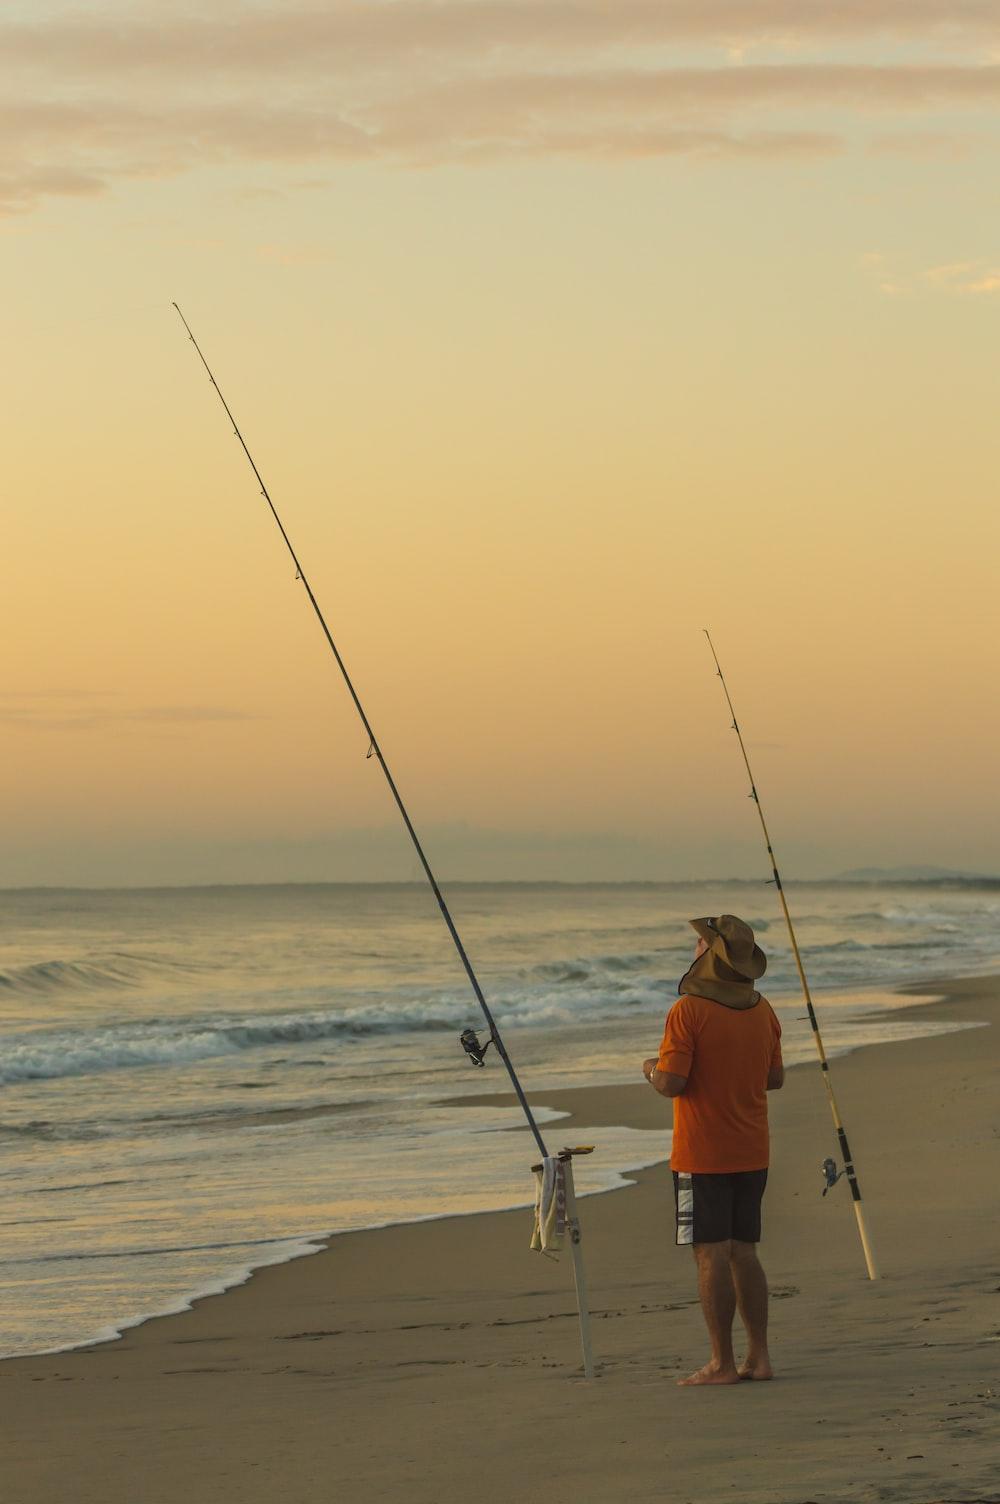 man in orange shirt fishing on sea during daytime